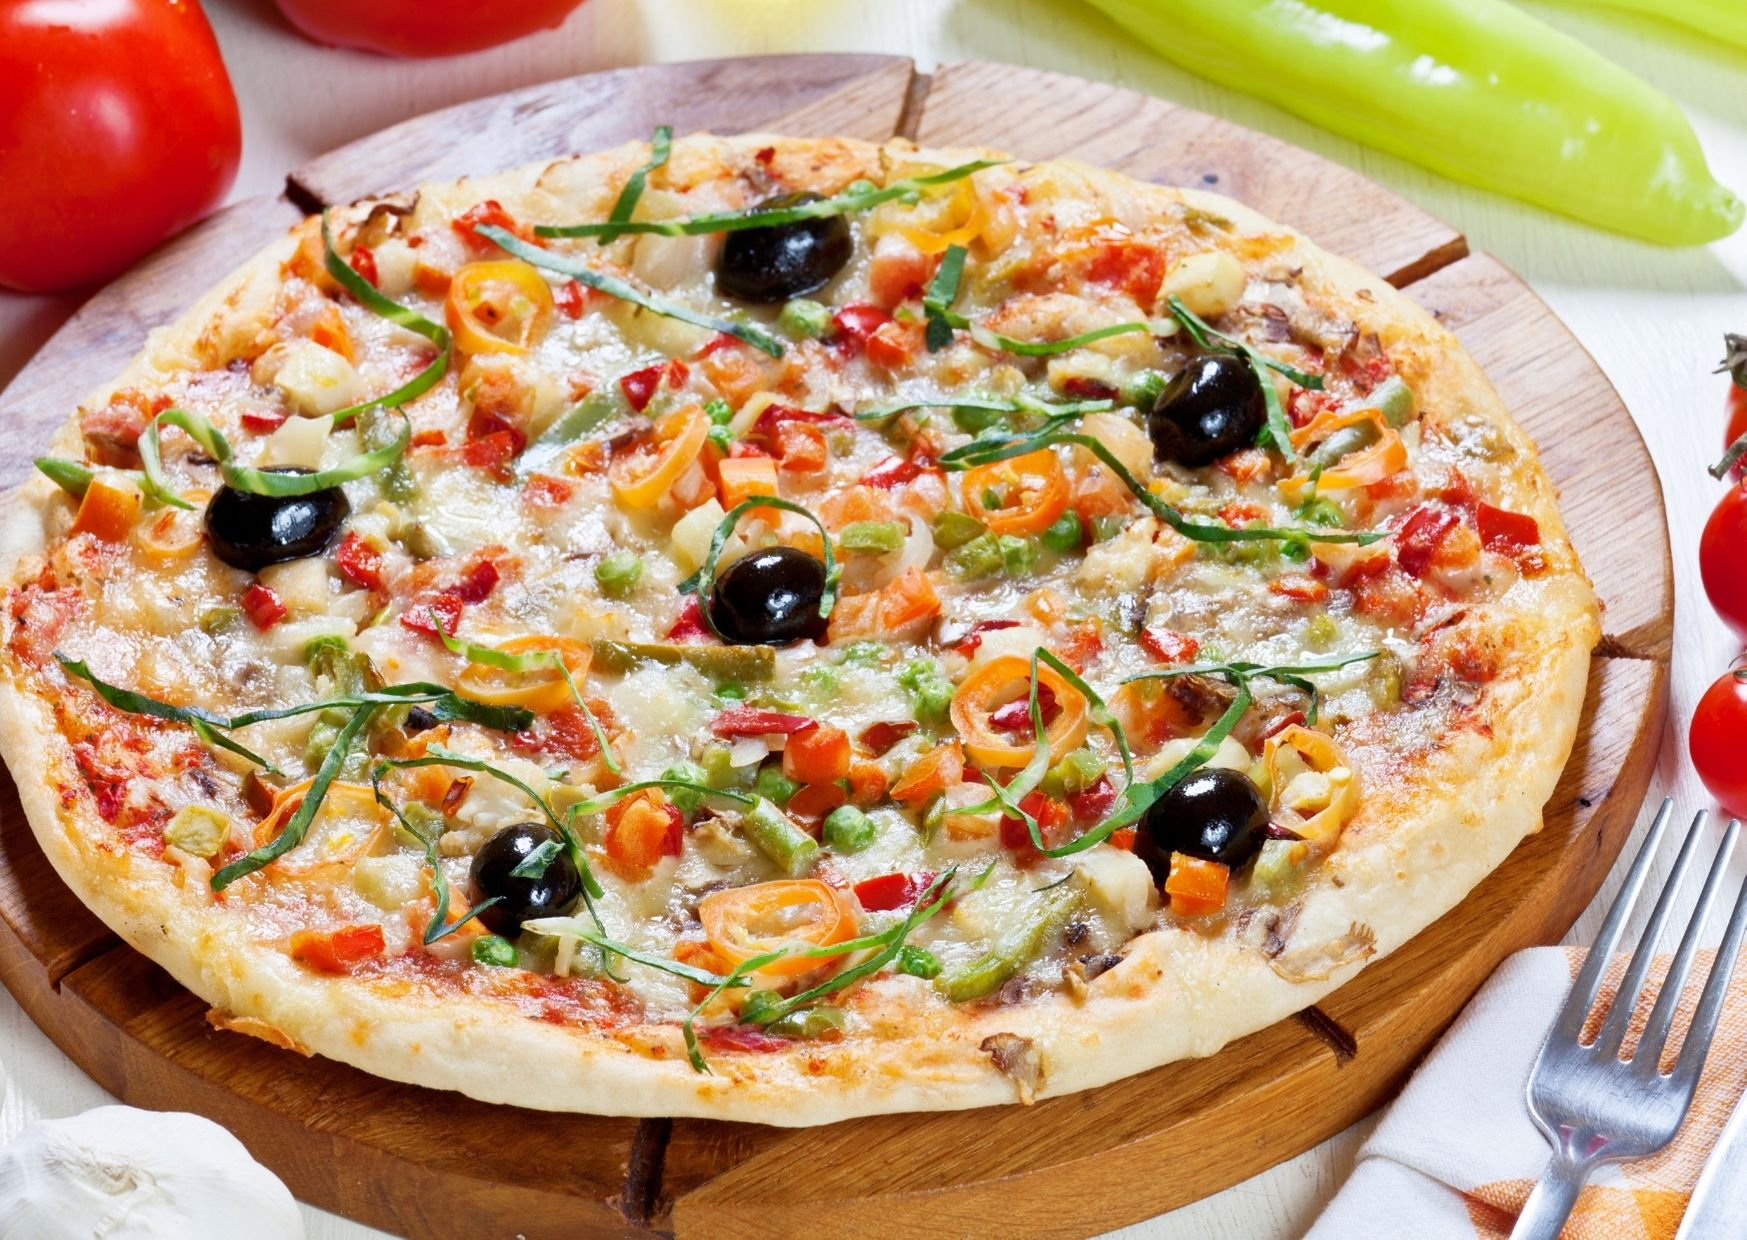 Pizza vegetariana con harina y arroz integral